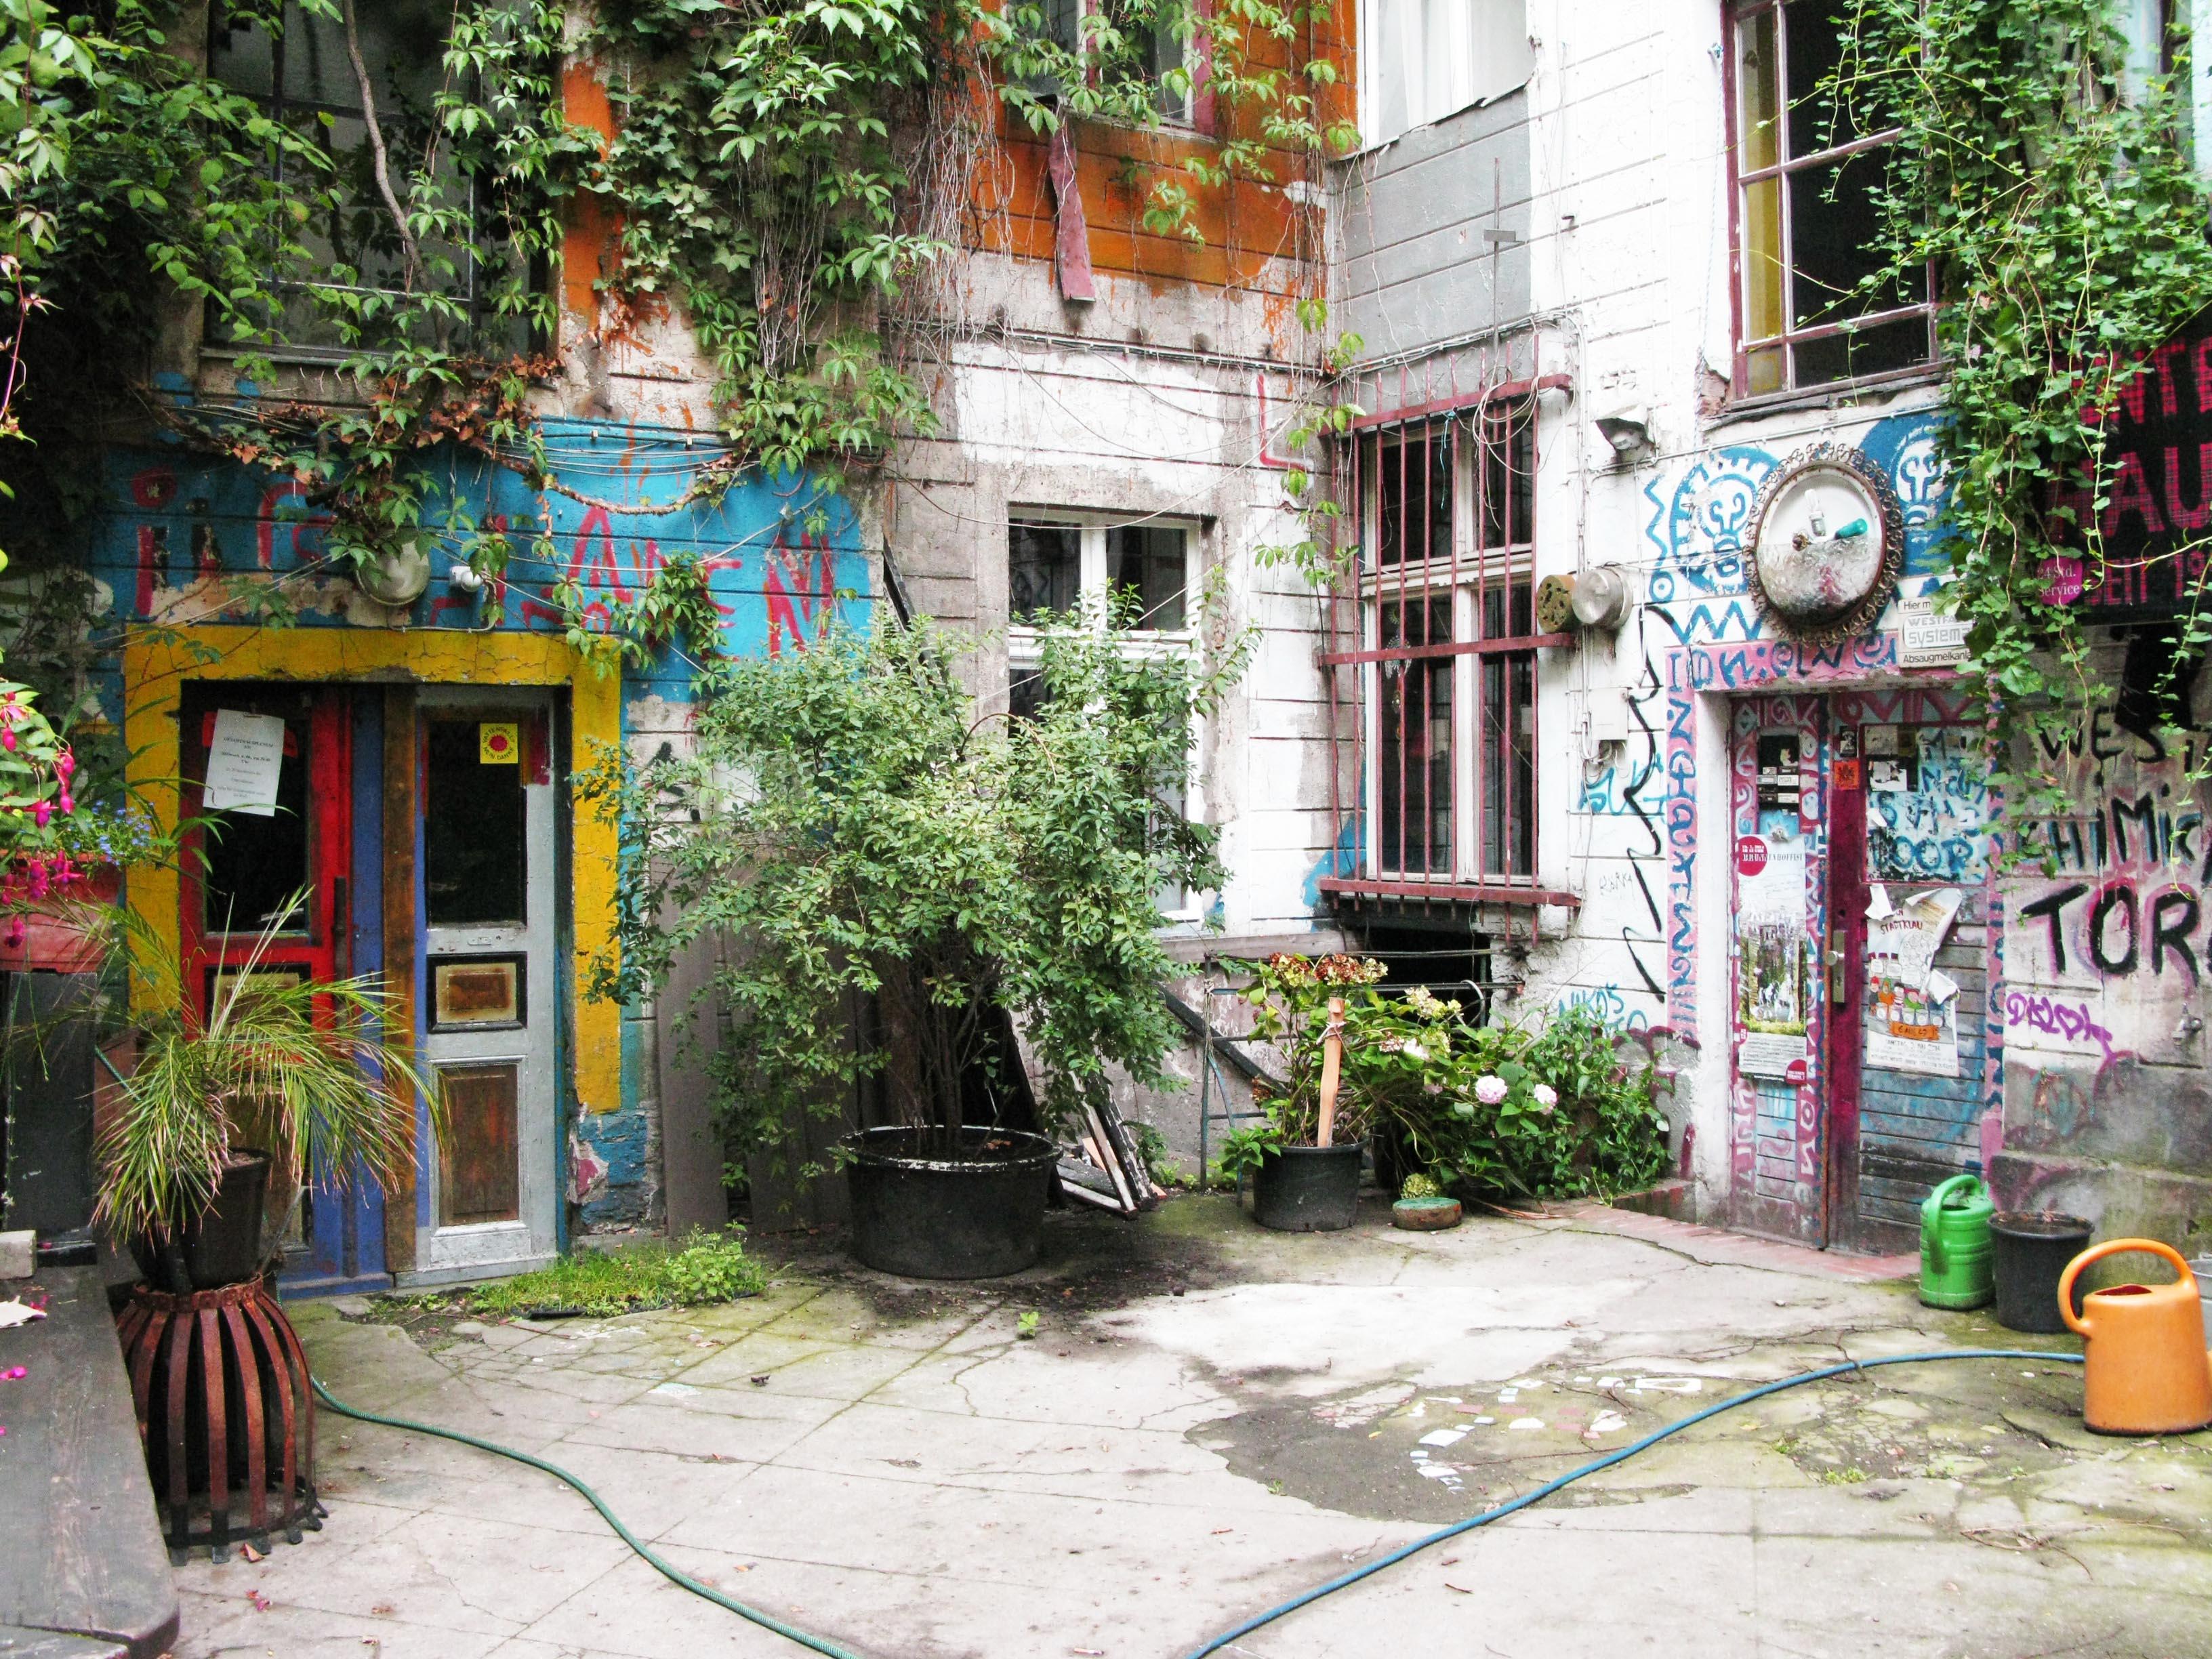 Жилой двор в районе Prenzlauer Berg, Берлин. Фото автора